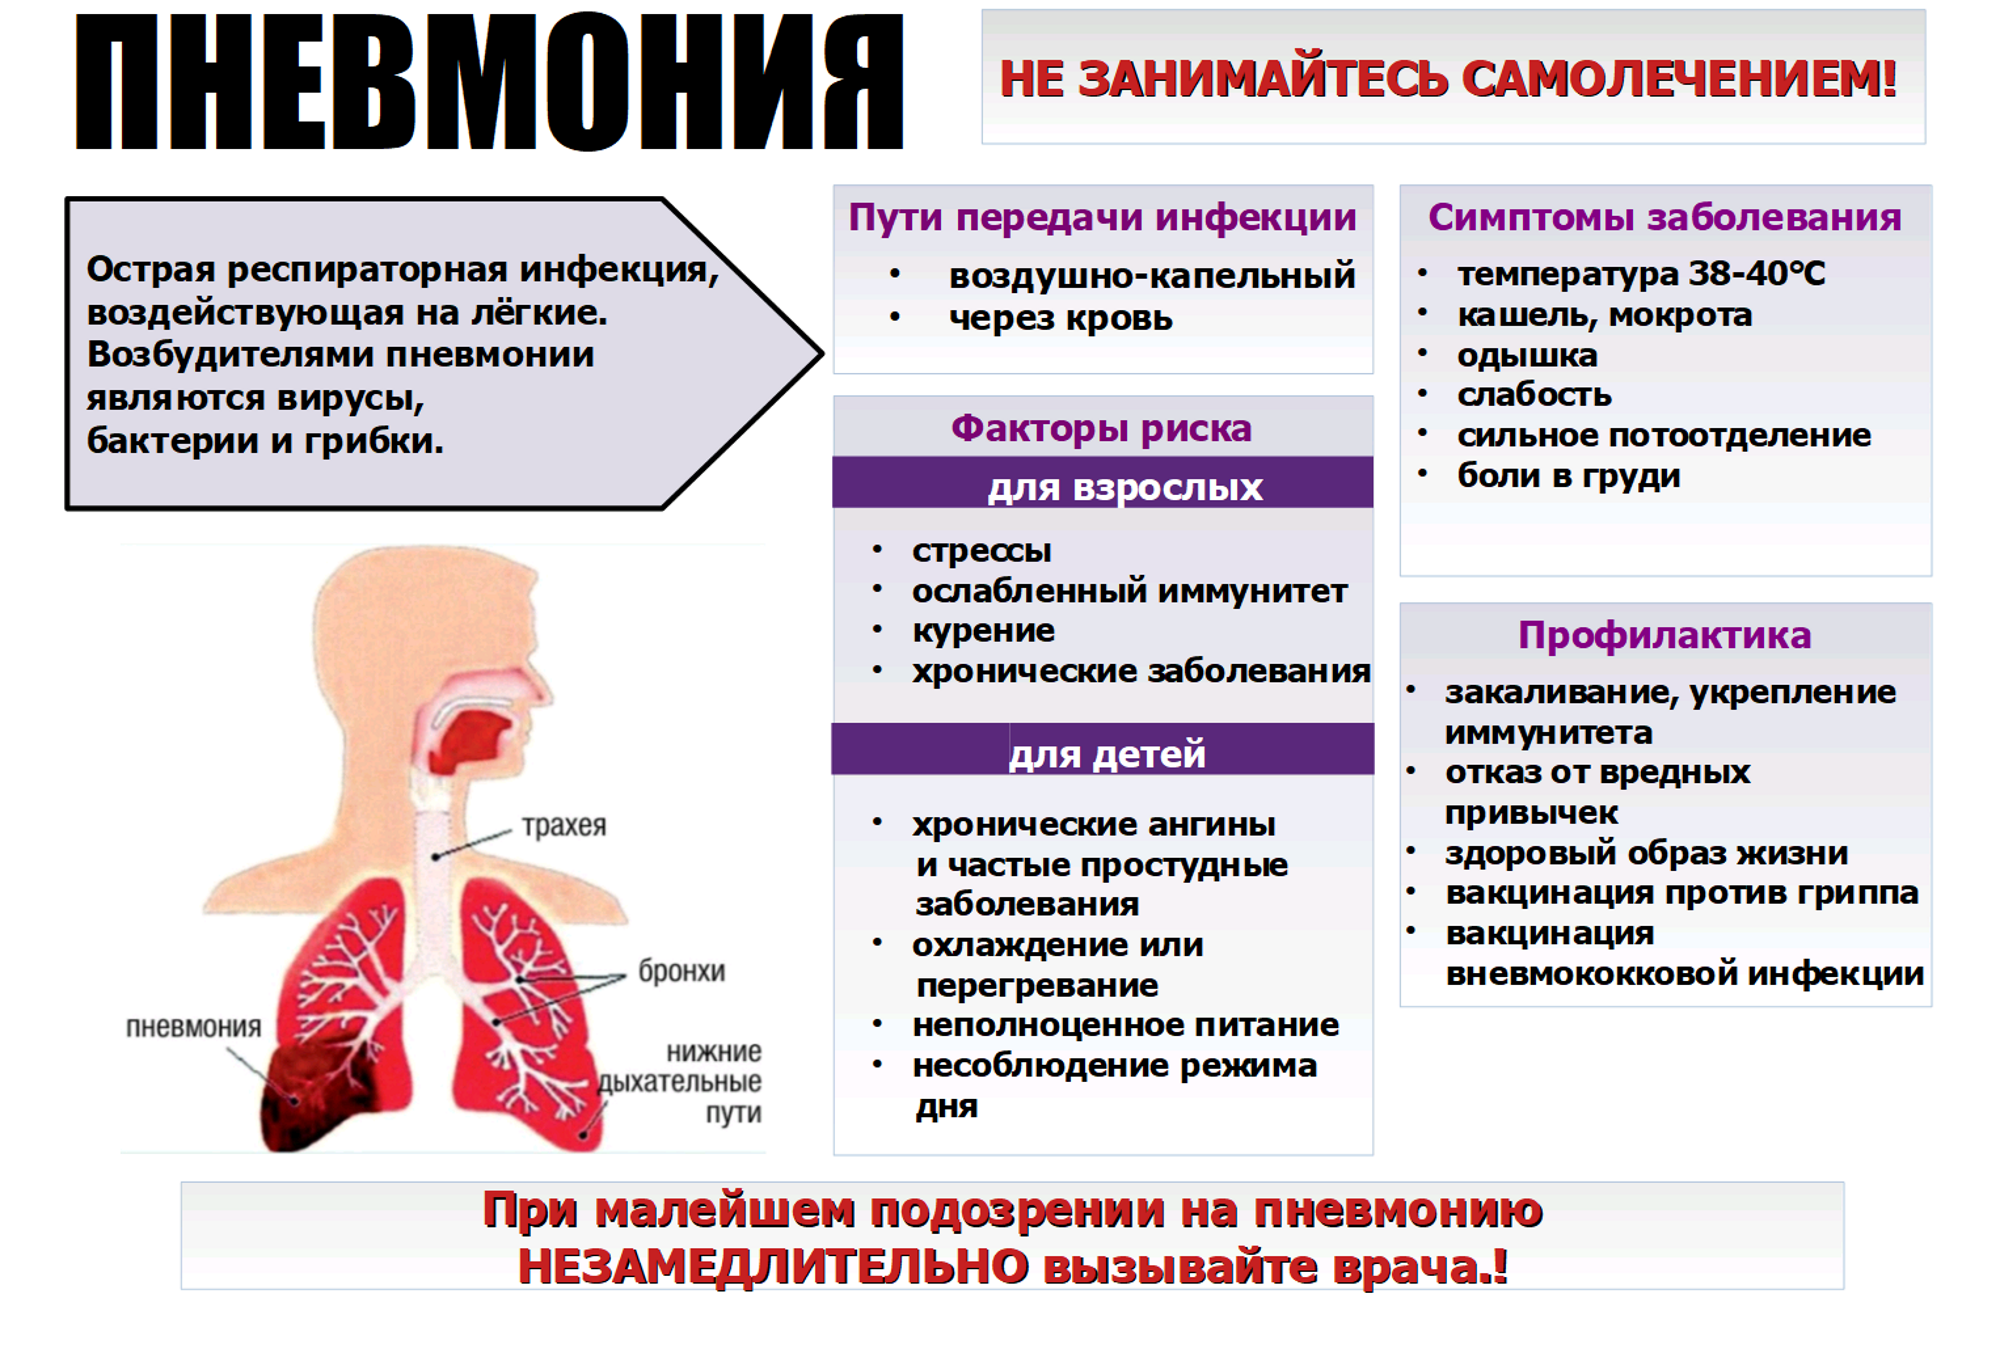 Болит под грудью пневмония